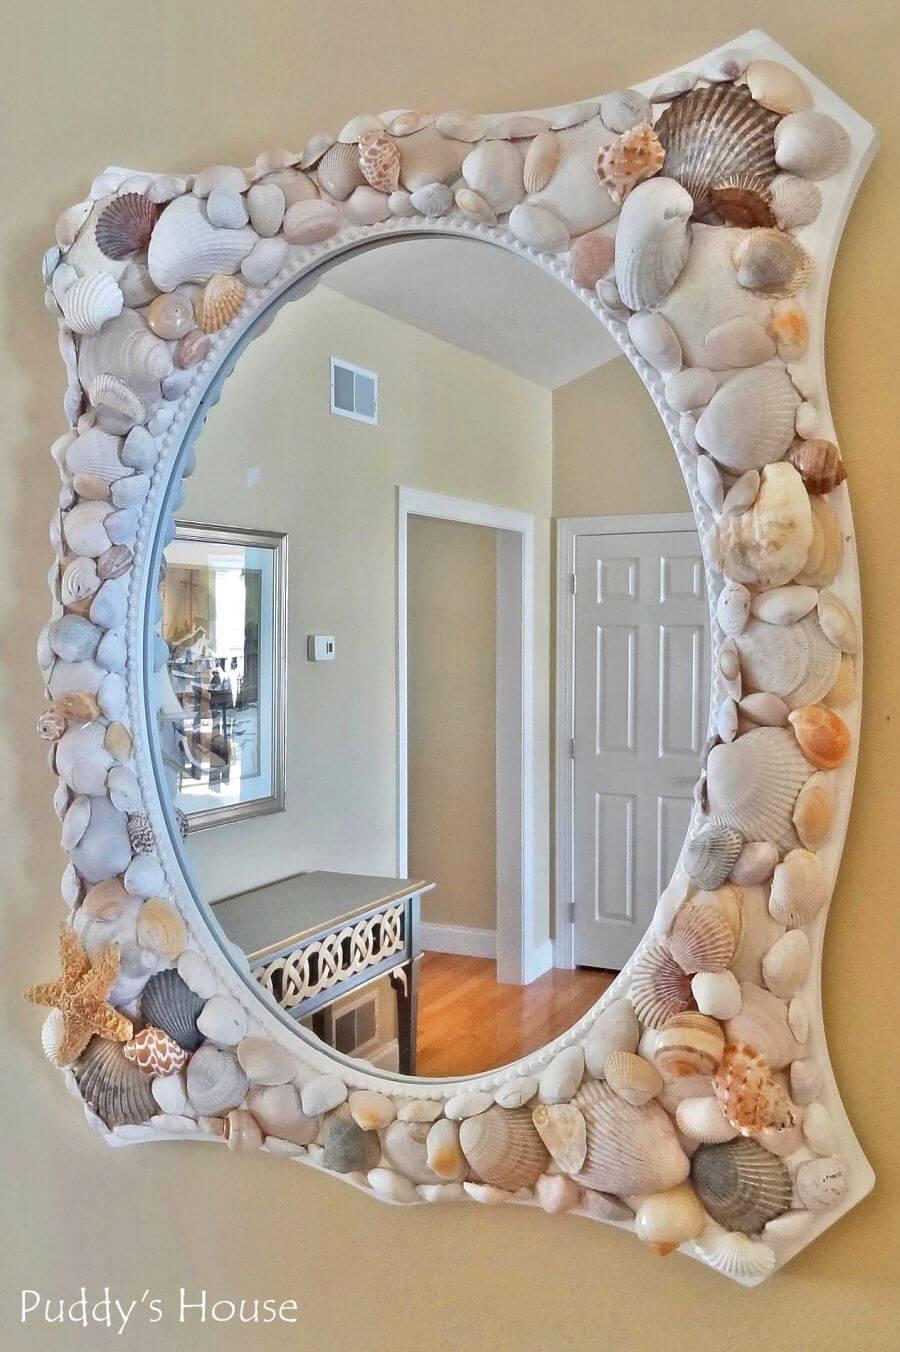 A Beach-Themed Mirror on The Wall